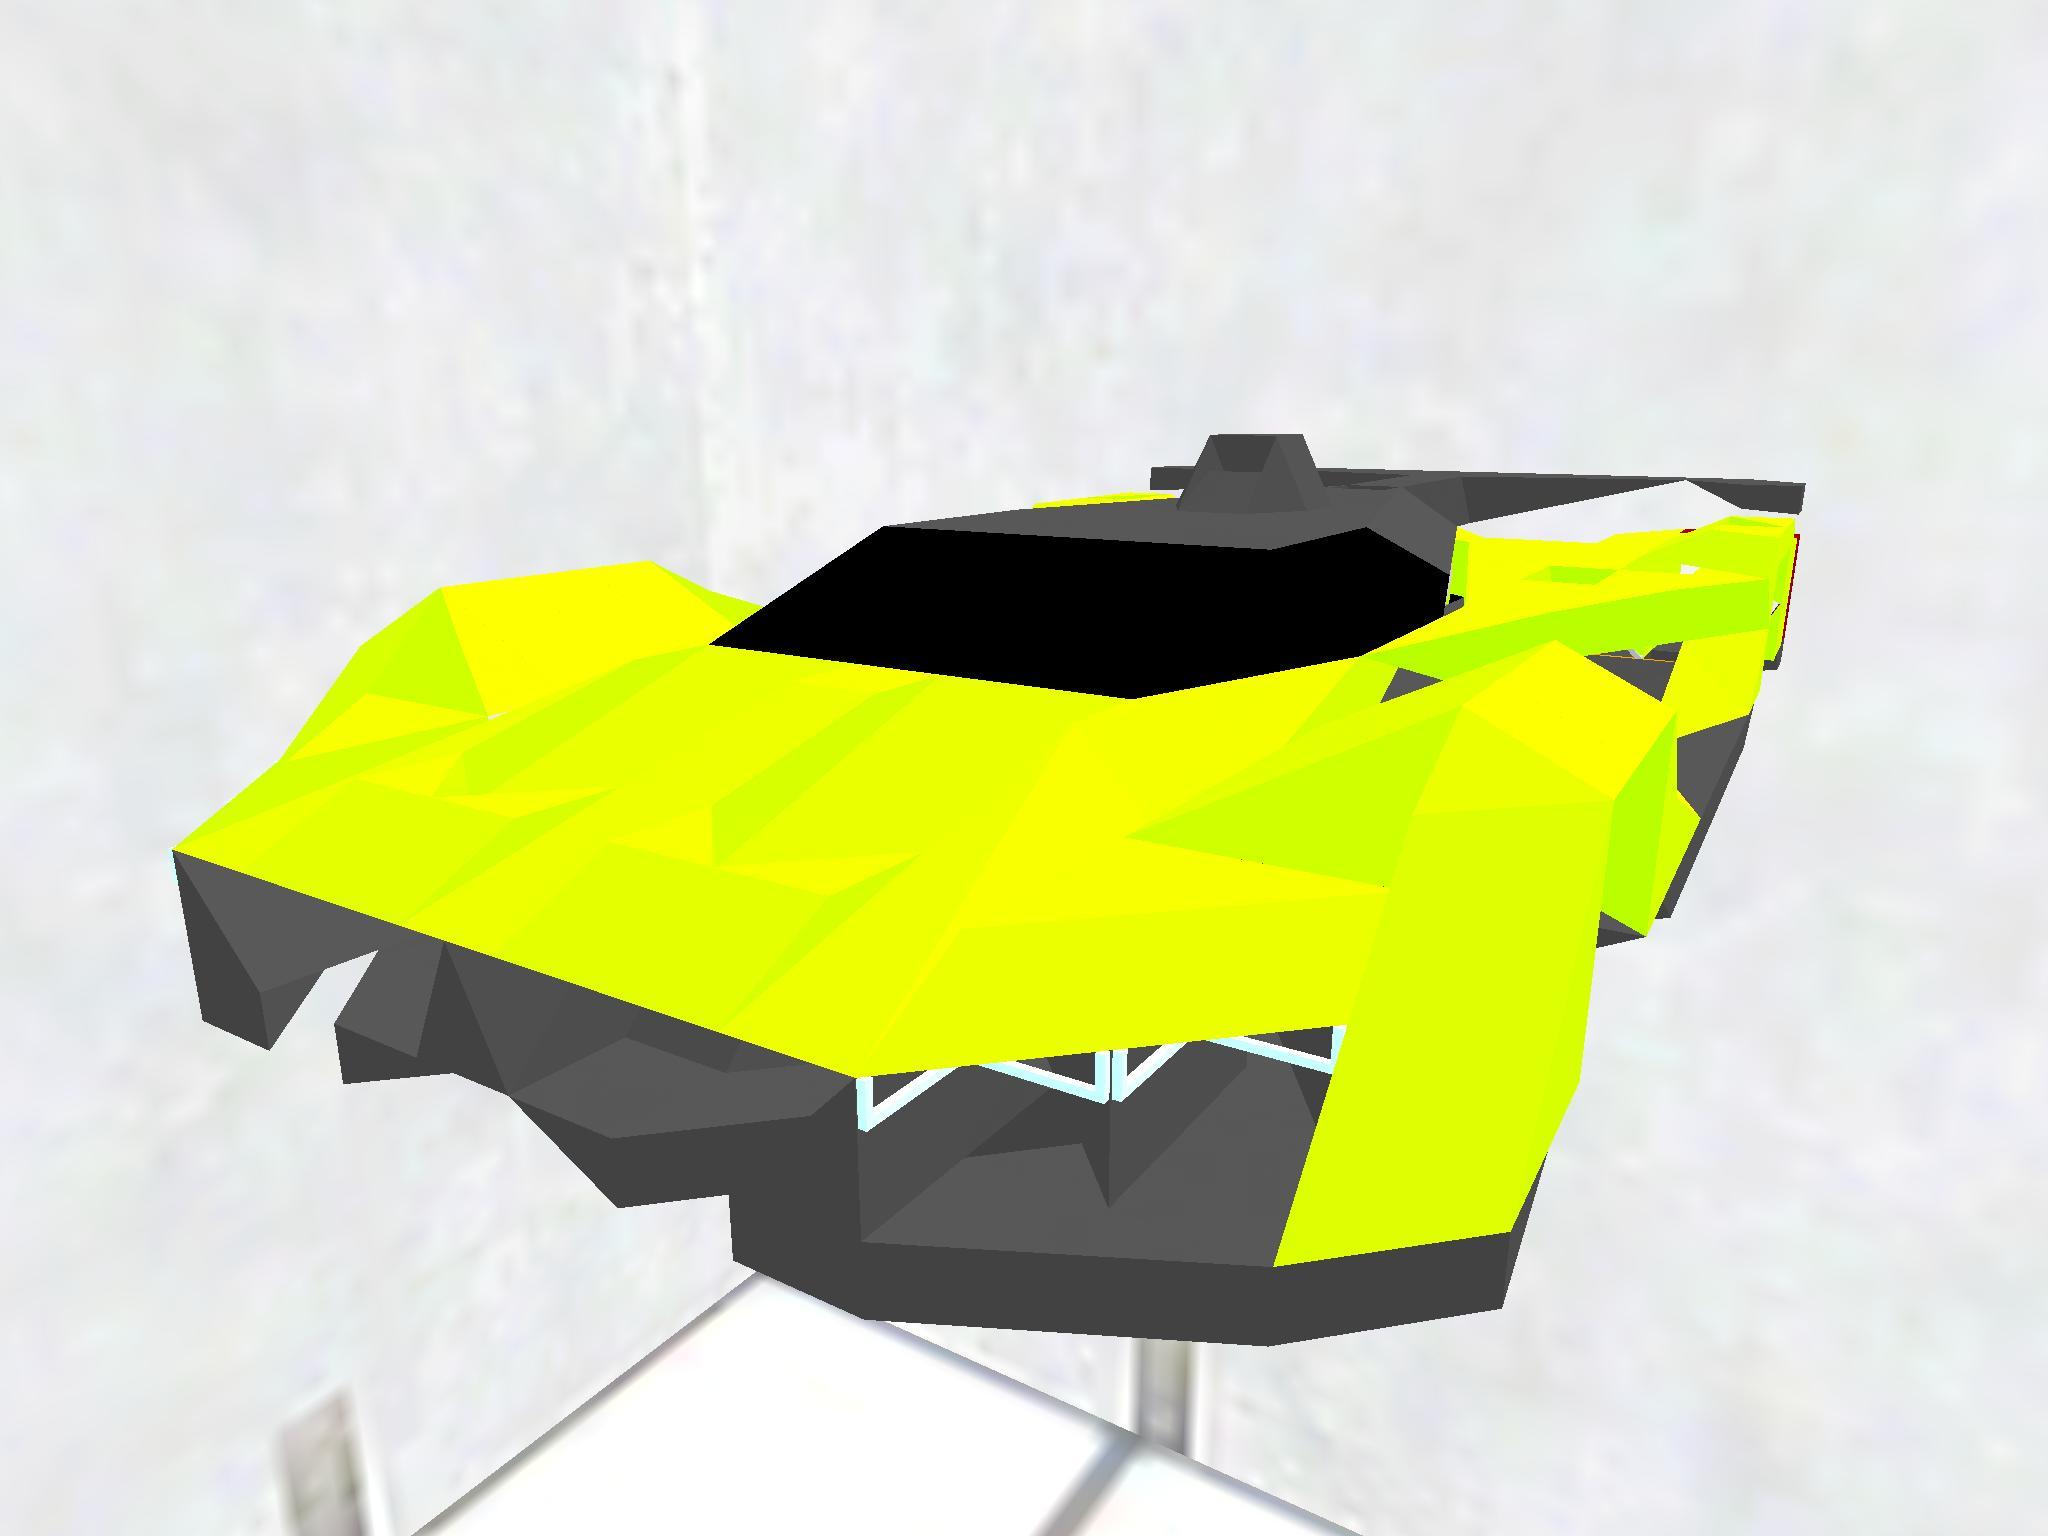 Voltic VRT Vulcan SV 141.7 kmh